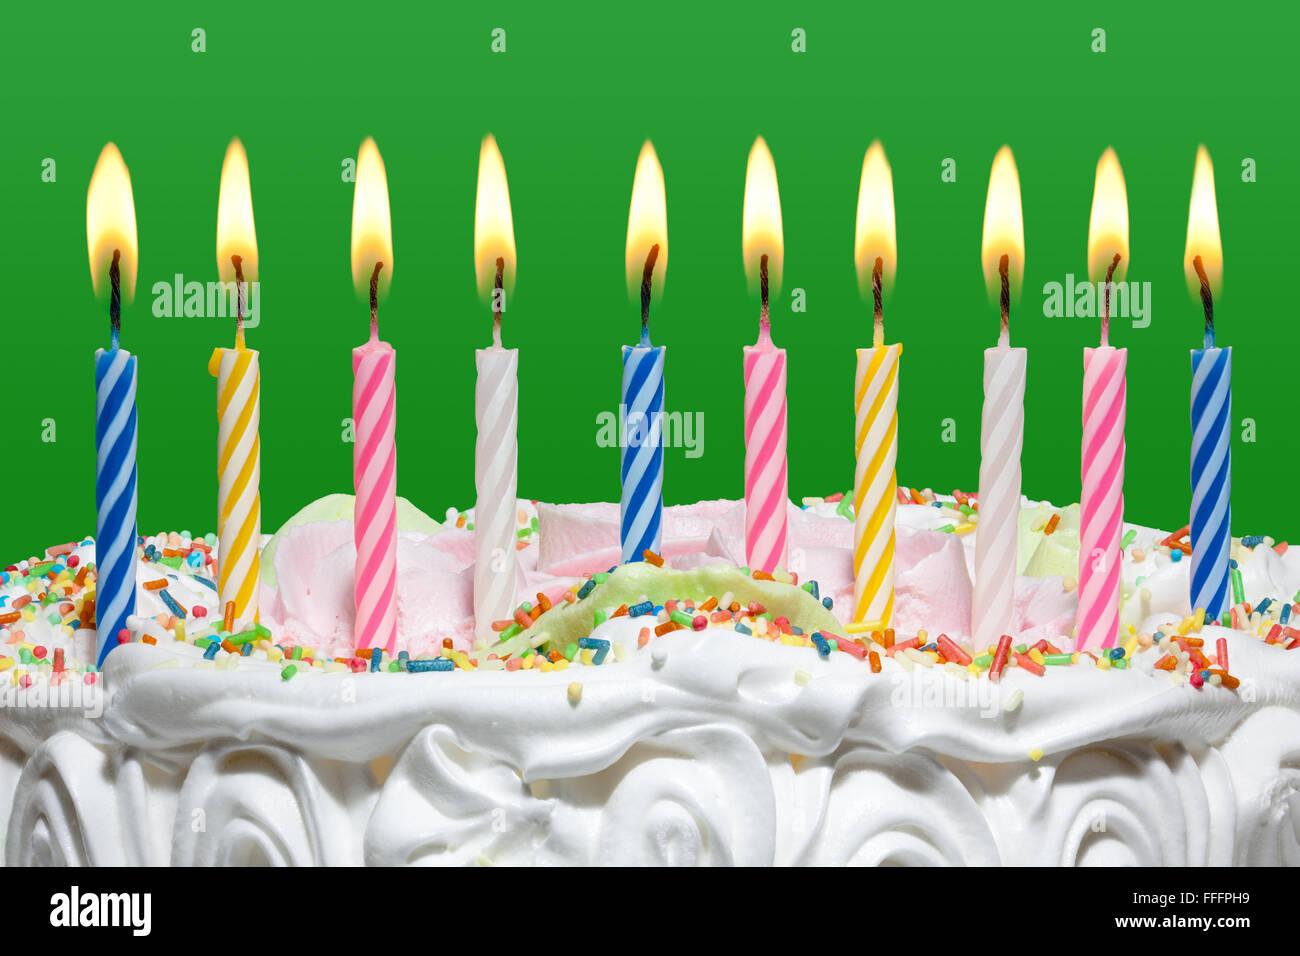 Geburtstagstorte Mit Bunten Kerzen Auf Grunem Hintergrund Stockbild